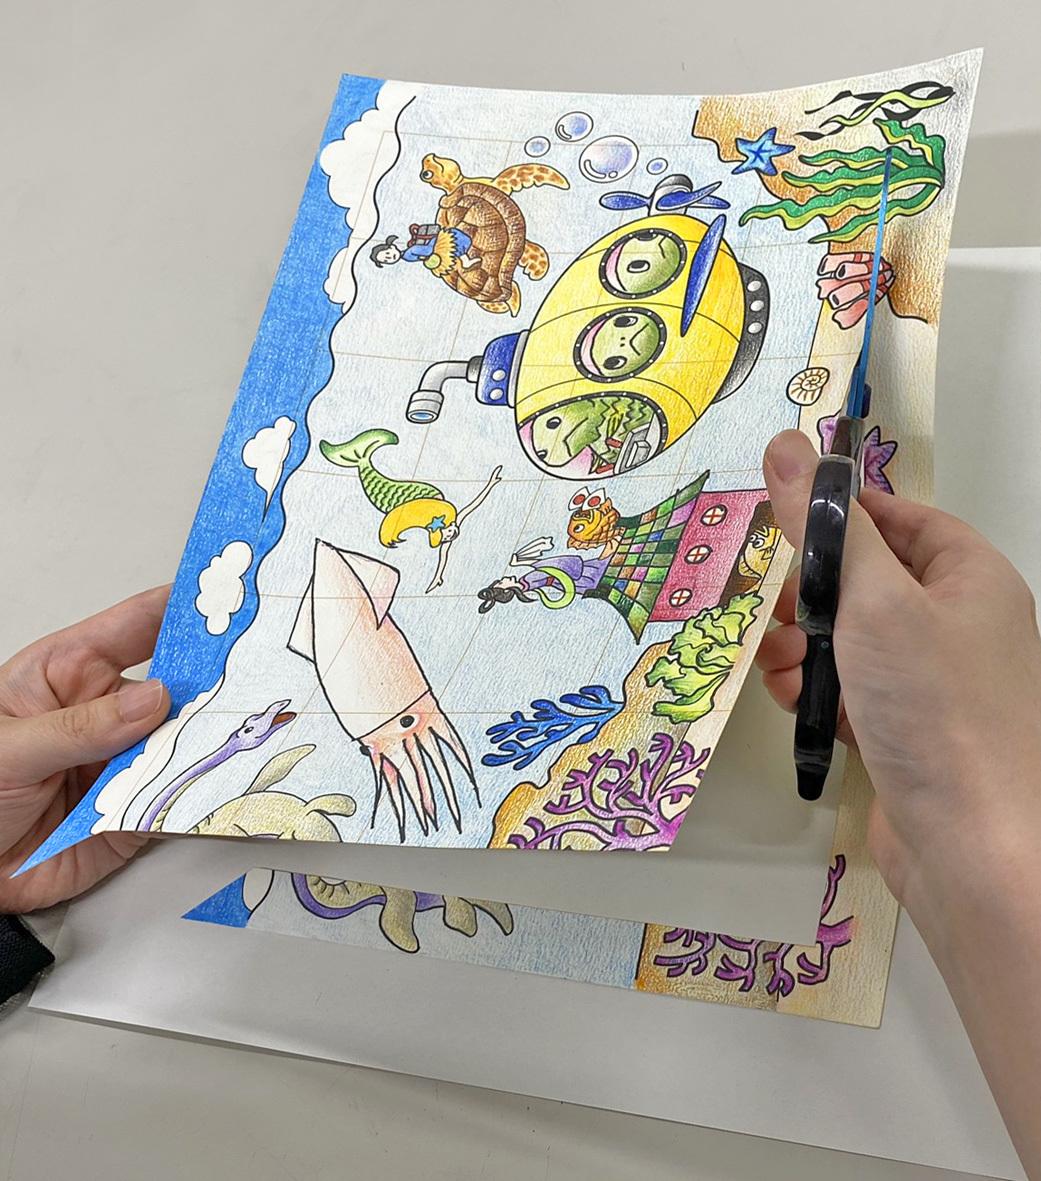 おうちで楽しむプログラム4:つくってあそぼう「描いて切るオリジナルパズル」_c0222139_16431677.jpg